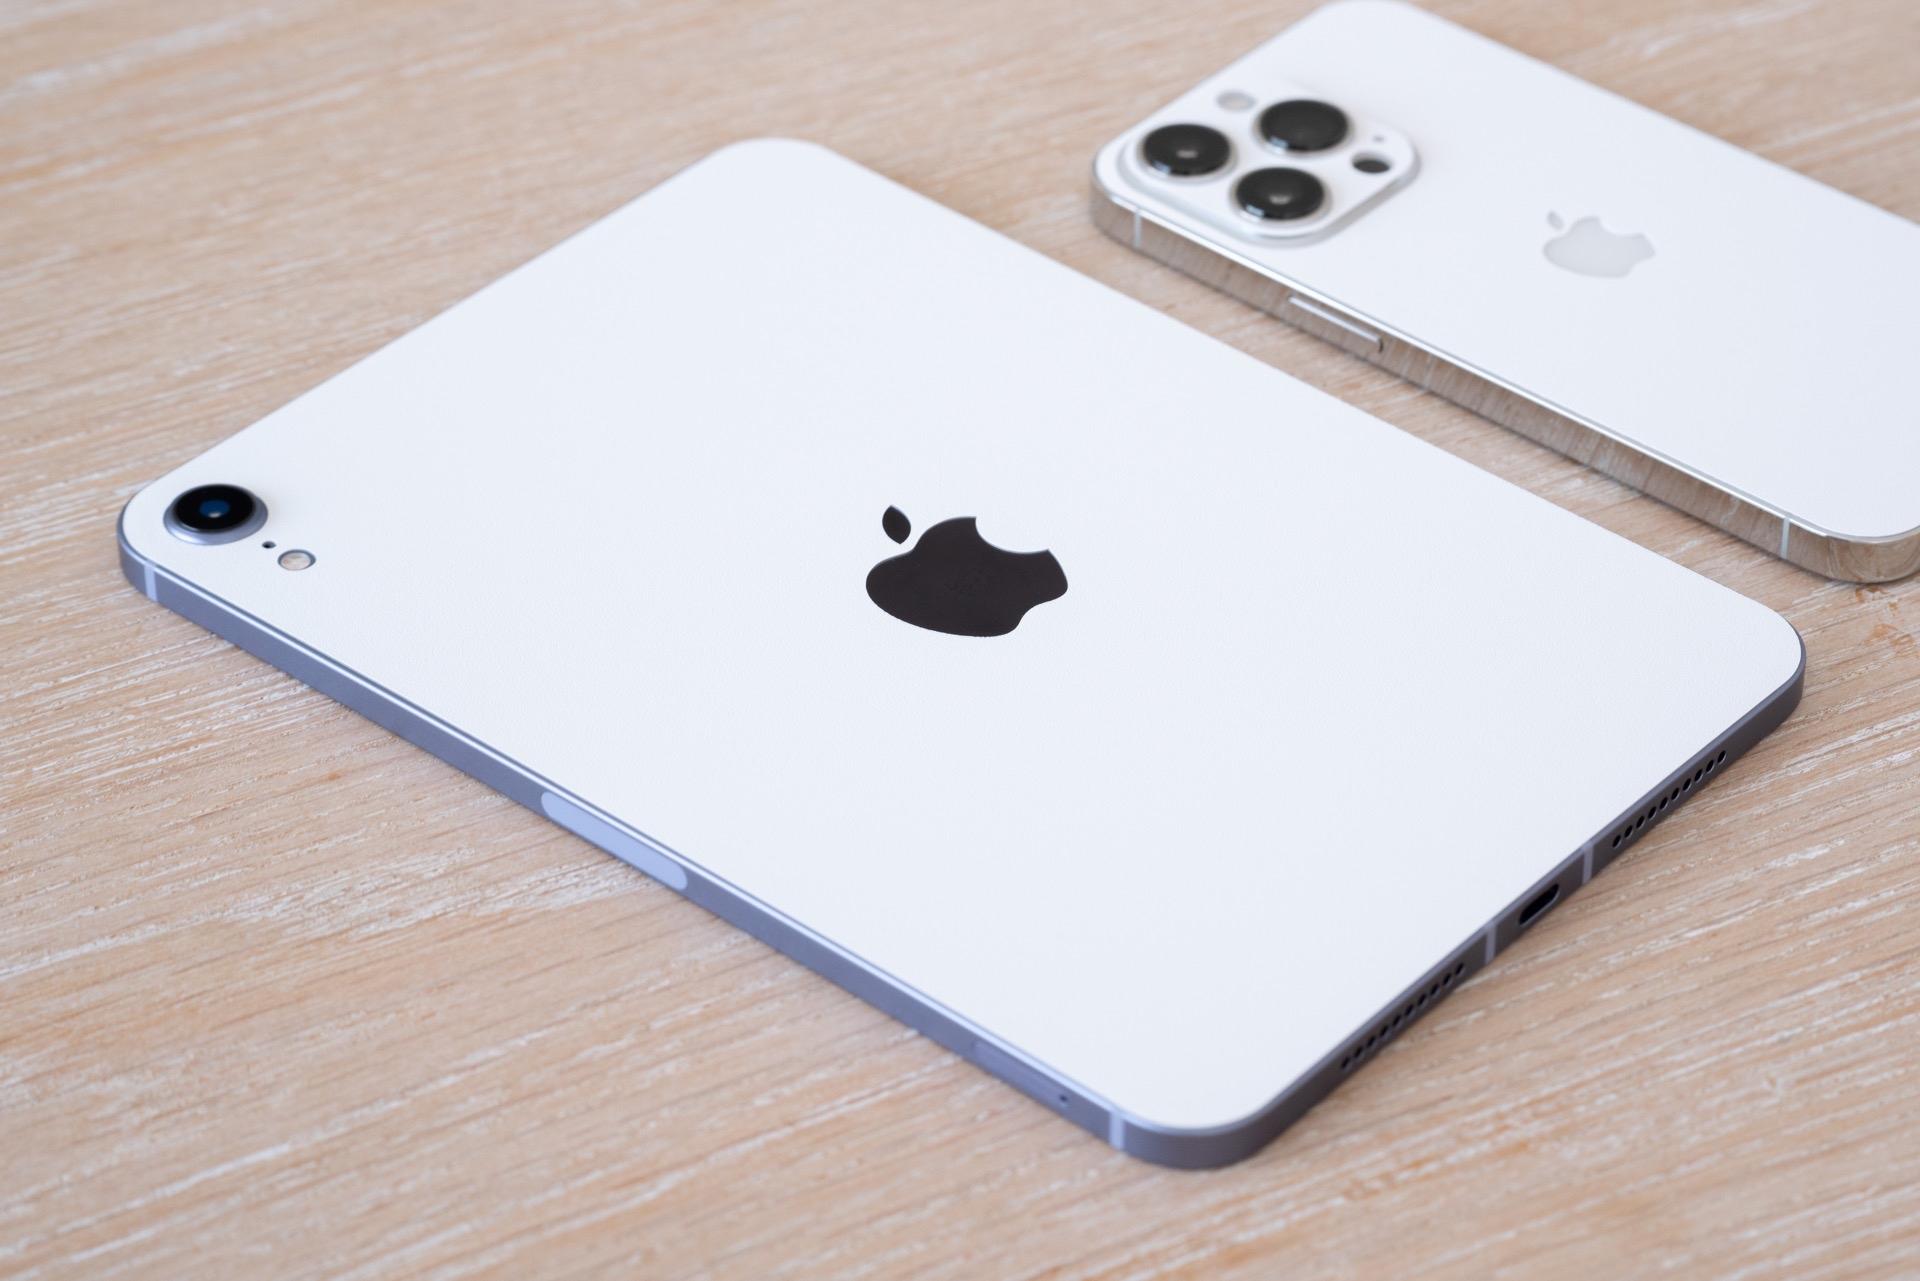 miniにこそコレかも。iPad miniにスキンシールを貼った話。